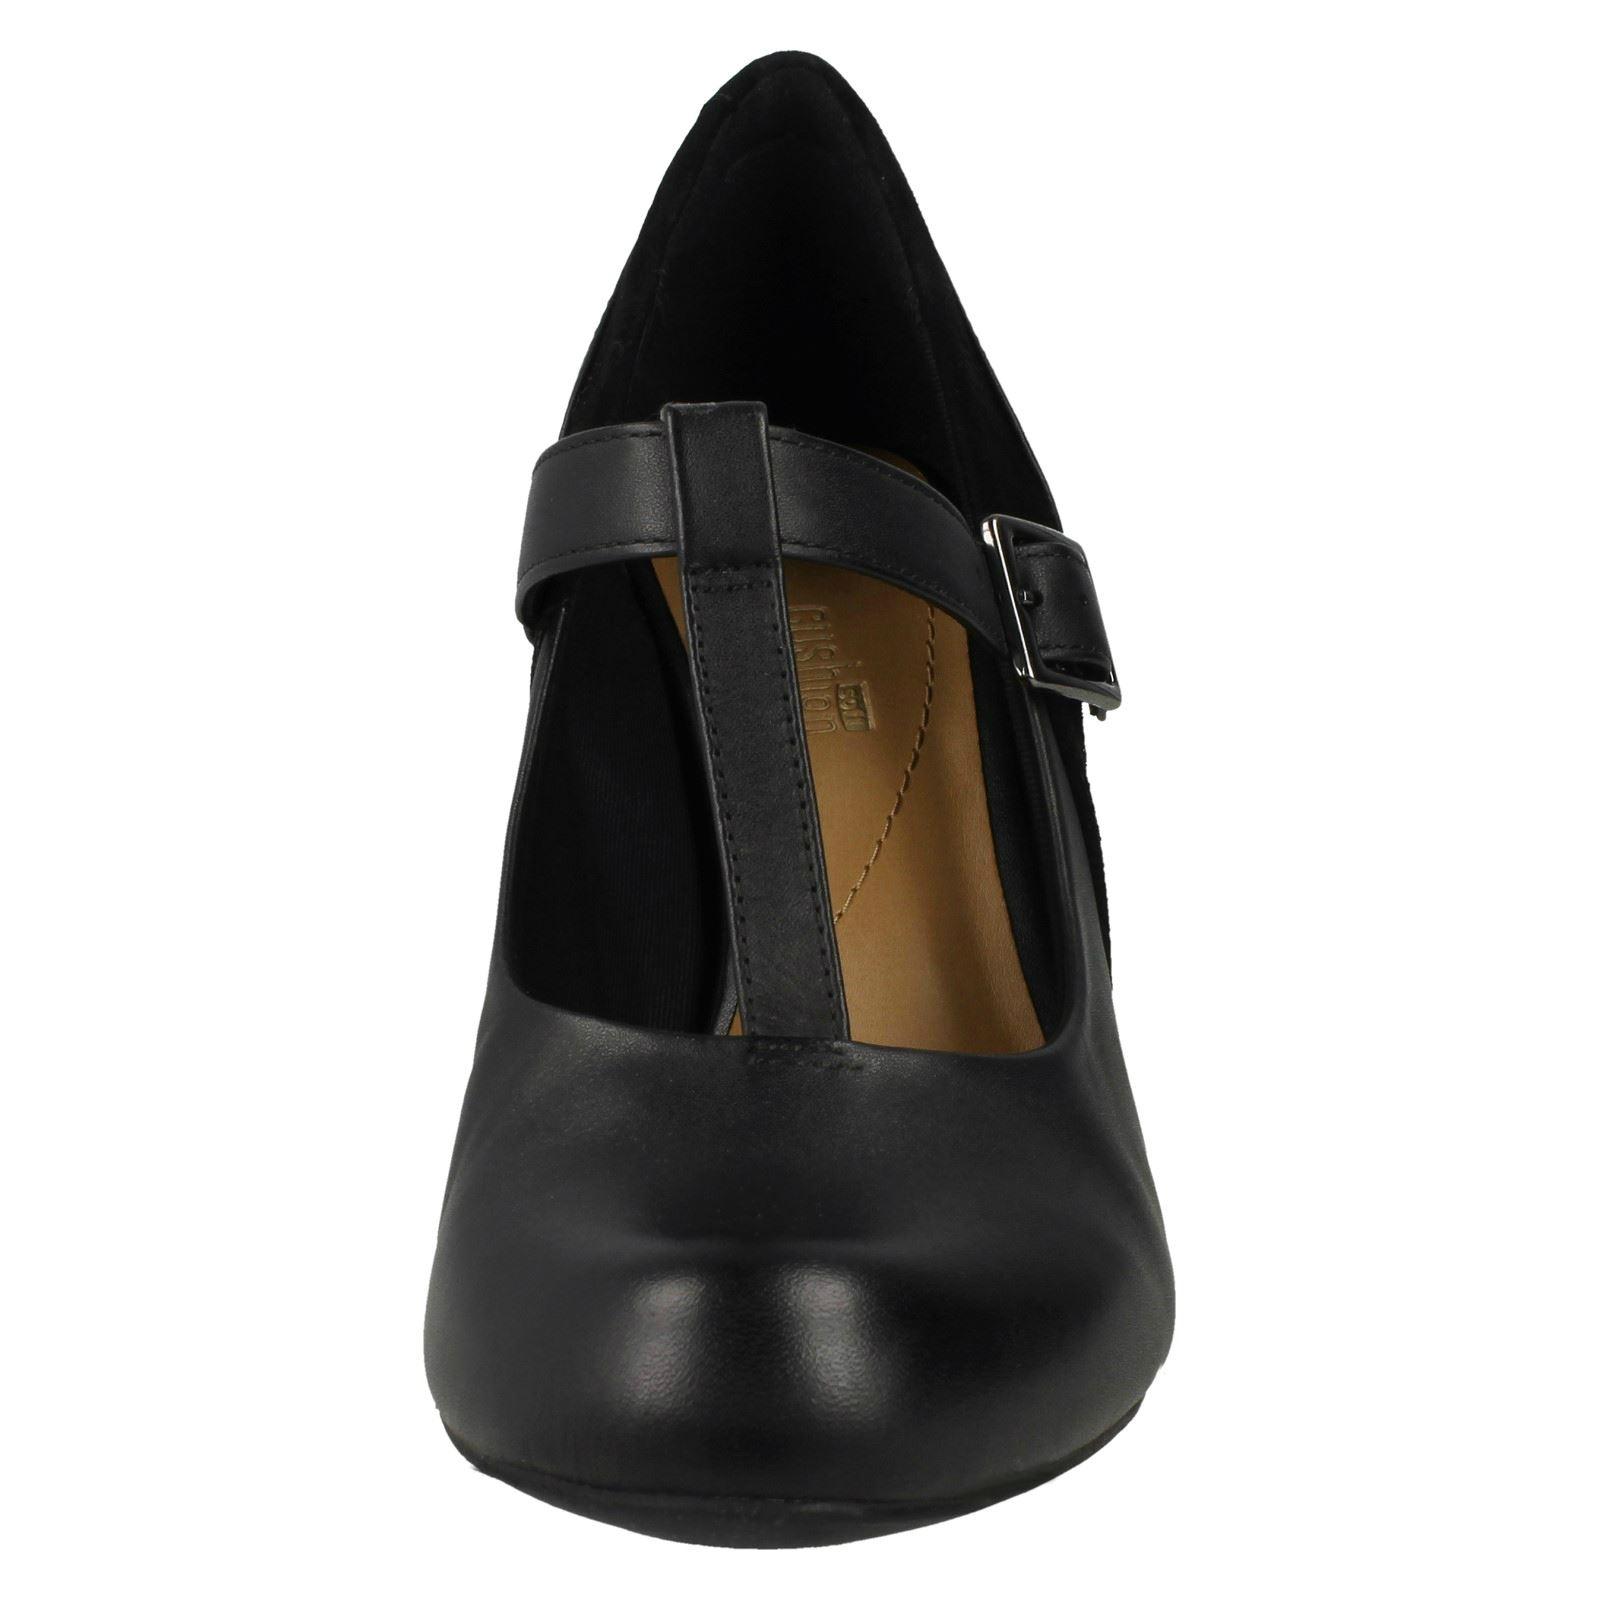 Messieurs / Dames Clarks Femmes Clarks Dames T-Bar Smart Chaussures-Cool Lass Forte chaleur et résistance à l'usure Apparence agréable Divers derniers modèles da9d28